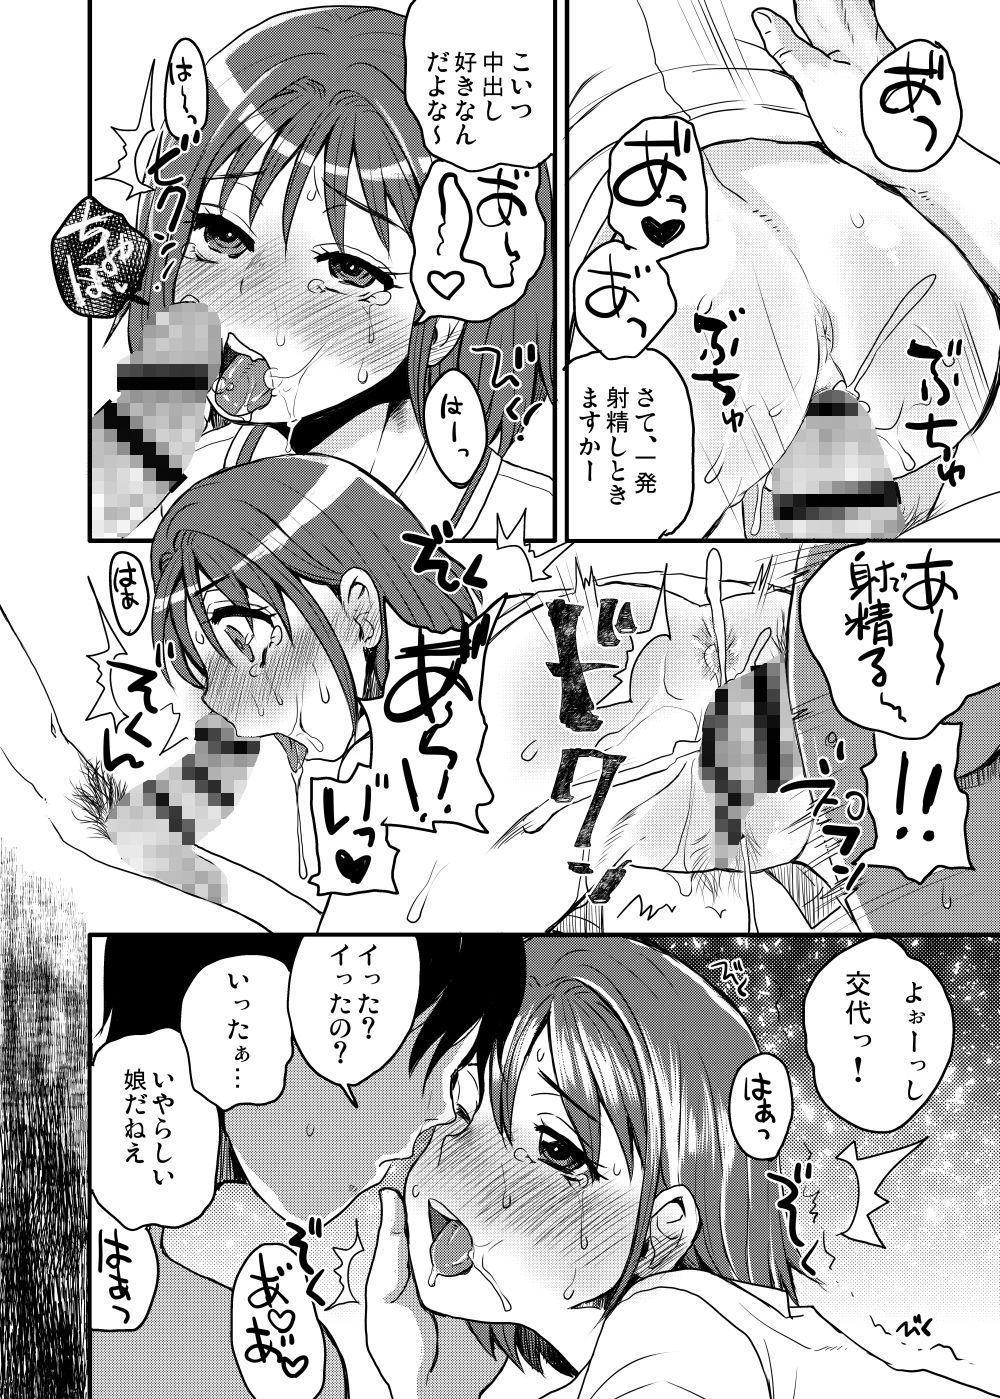 【サルルルル 同人】JK・3P・Drug